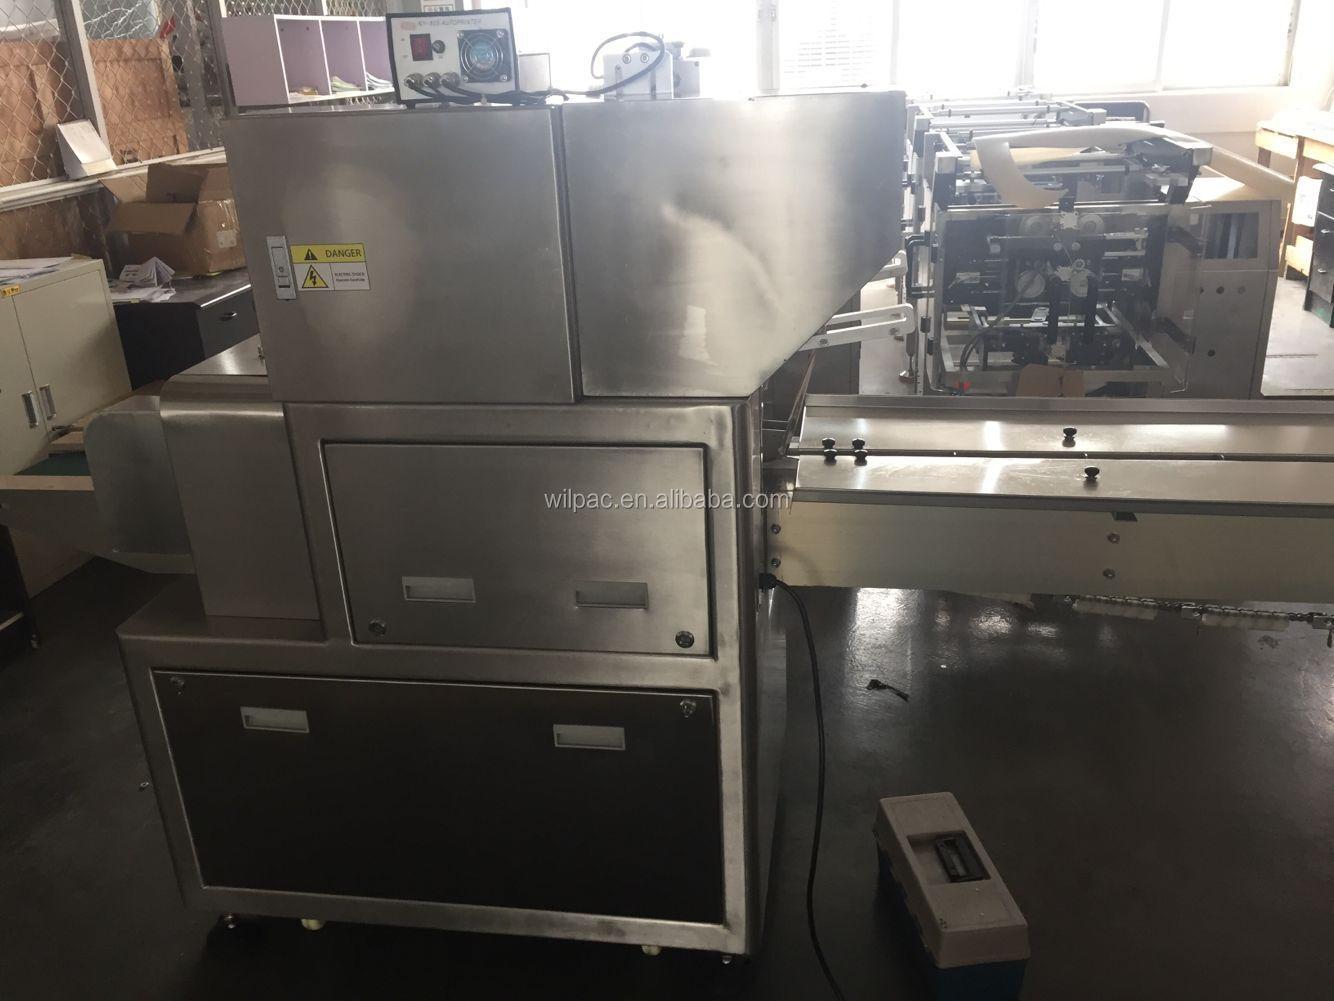 Yeni durum yatay paketleme akış paketleme akış sarma makinesi muhallebi pasta çörek Çin mooncake ekmek